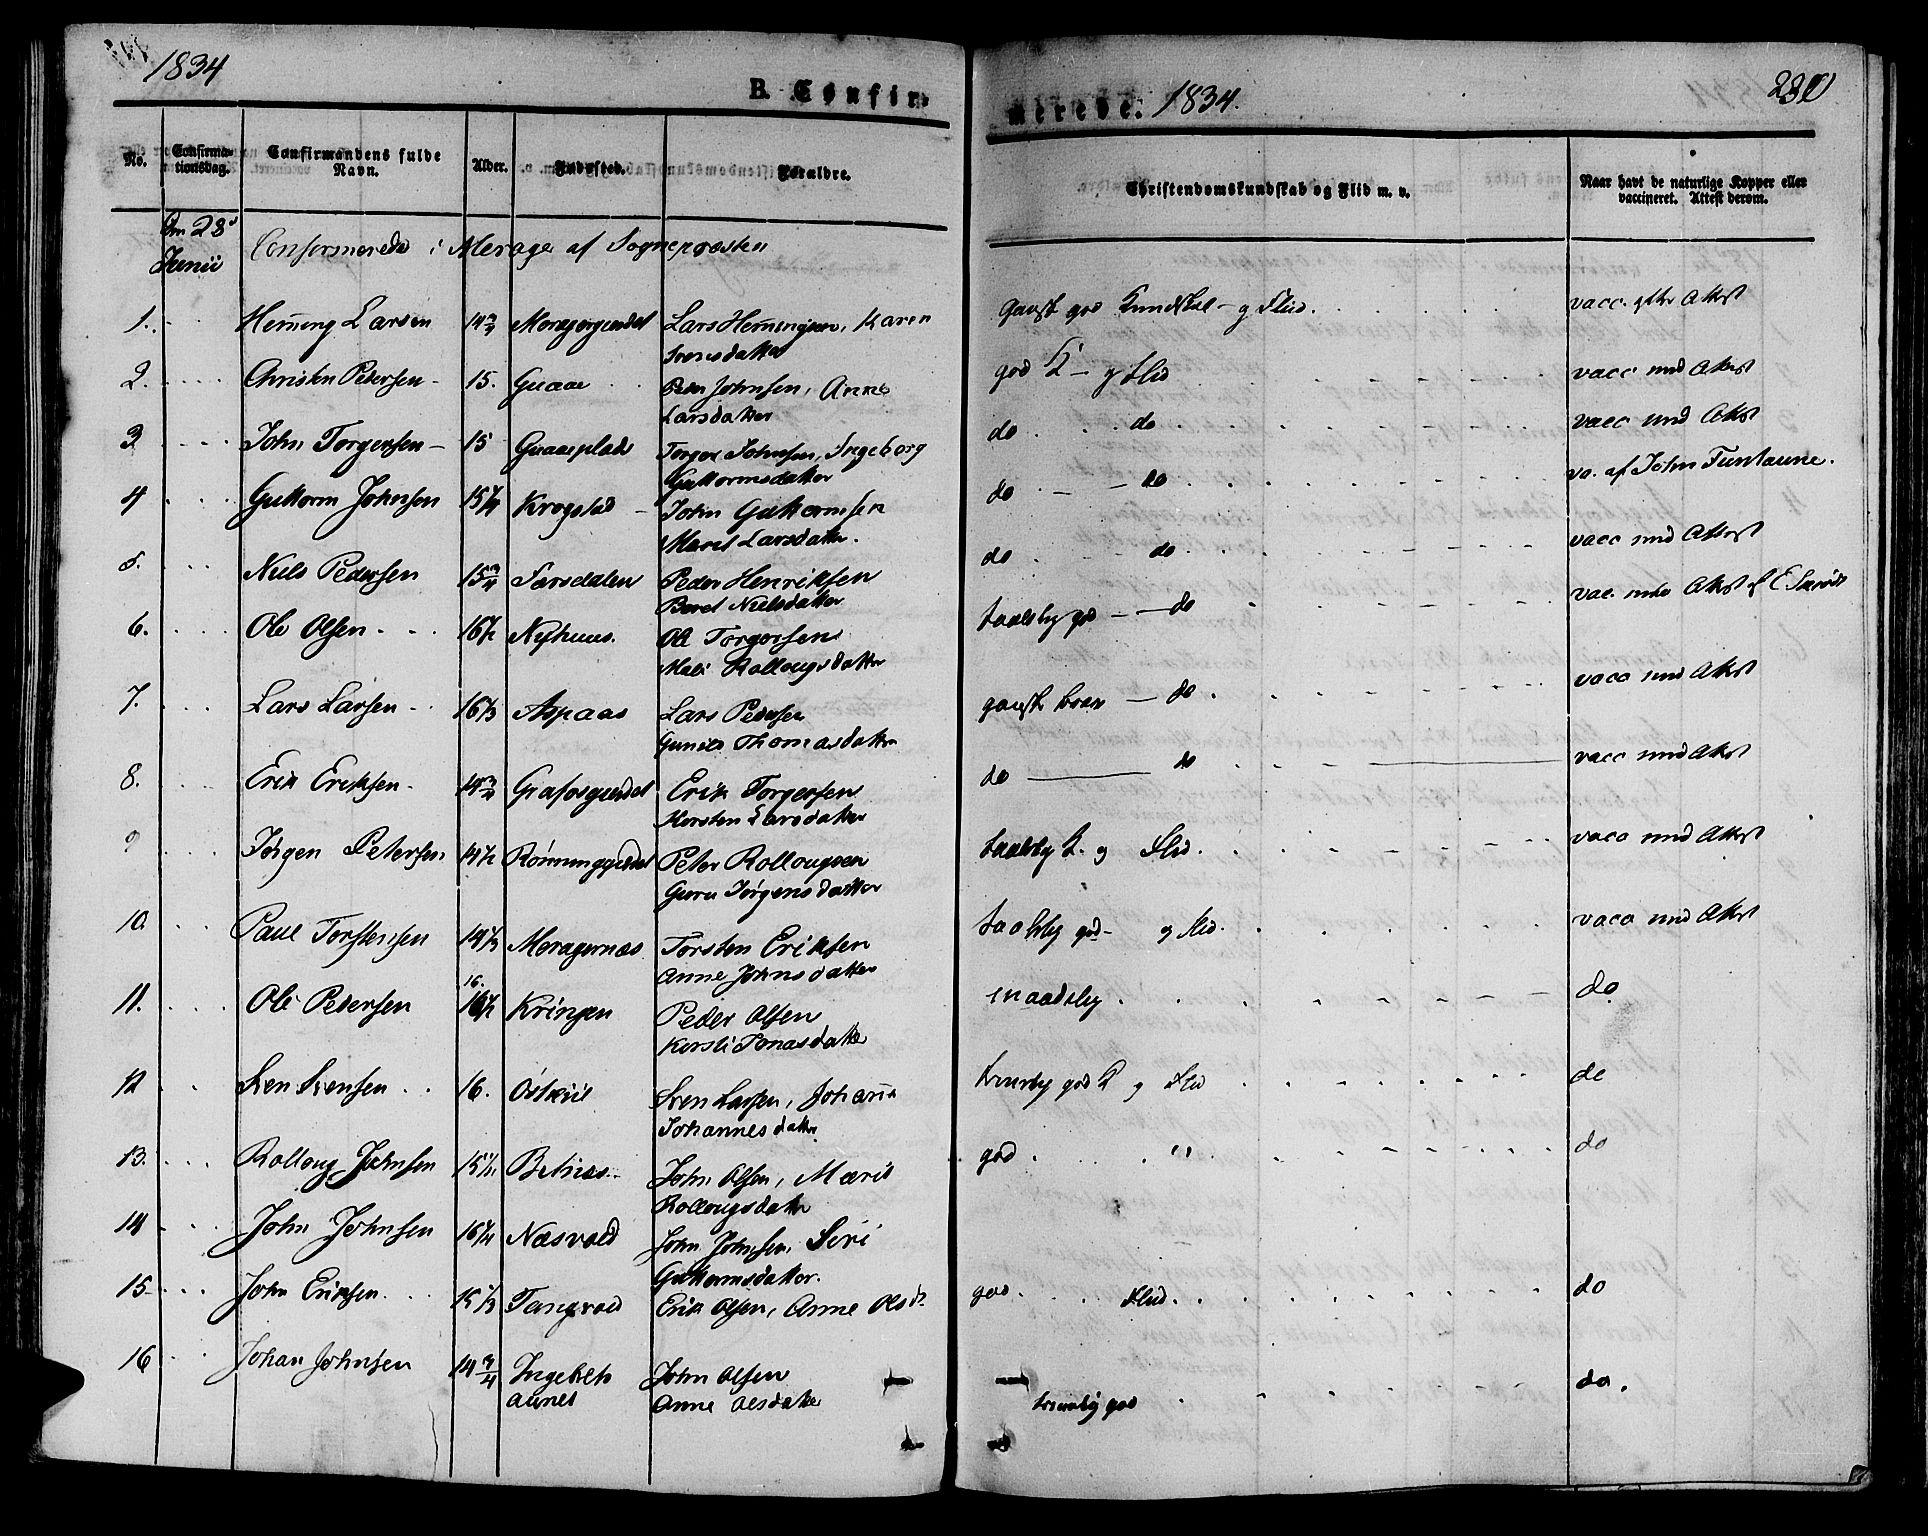 SAT, Ministerialprotokoller, klokkerbøker og fødselsregistre - Nord-Trøndelag, 709/L0071: Ministerialbok nr. 709A11, 1833-1844, s. 230